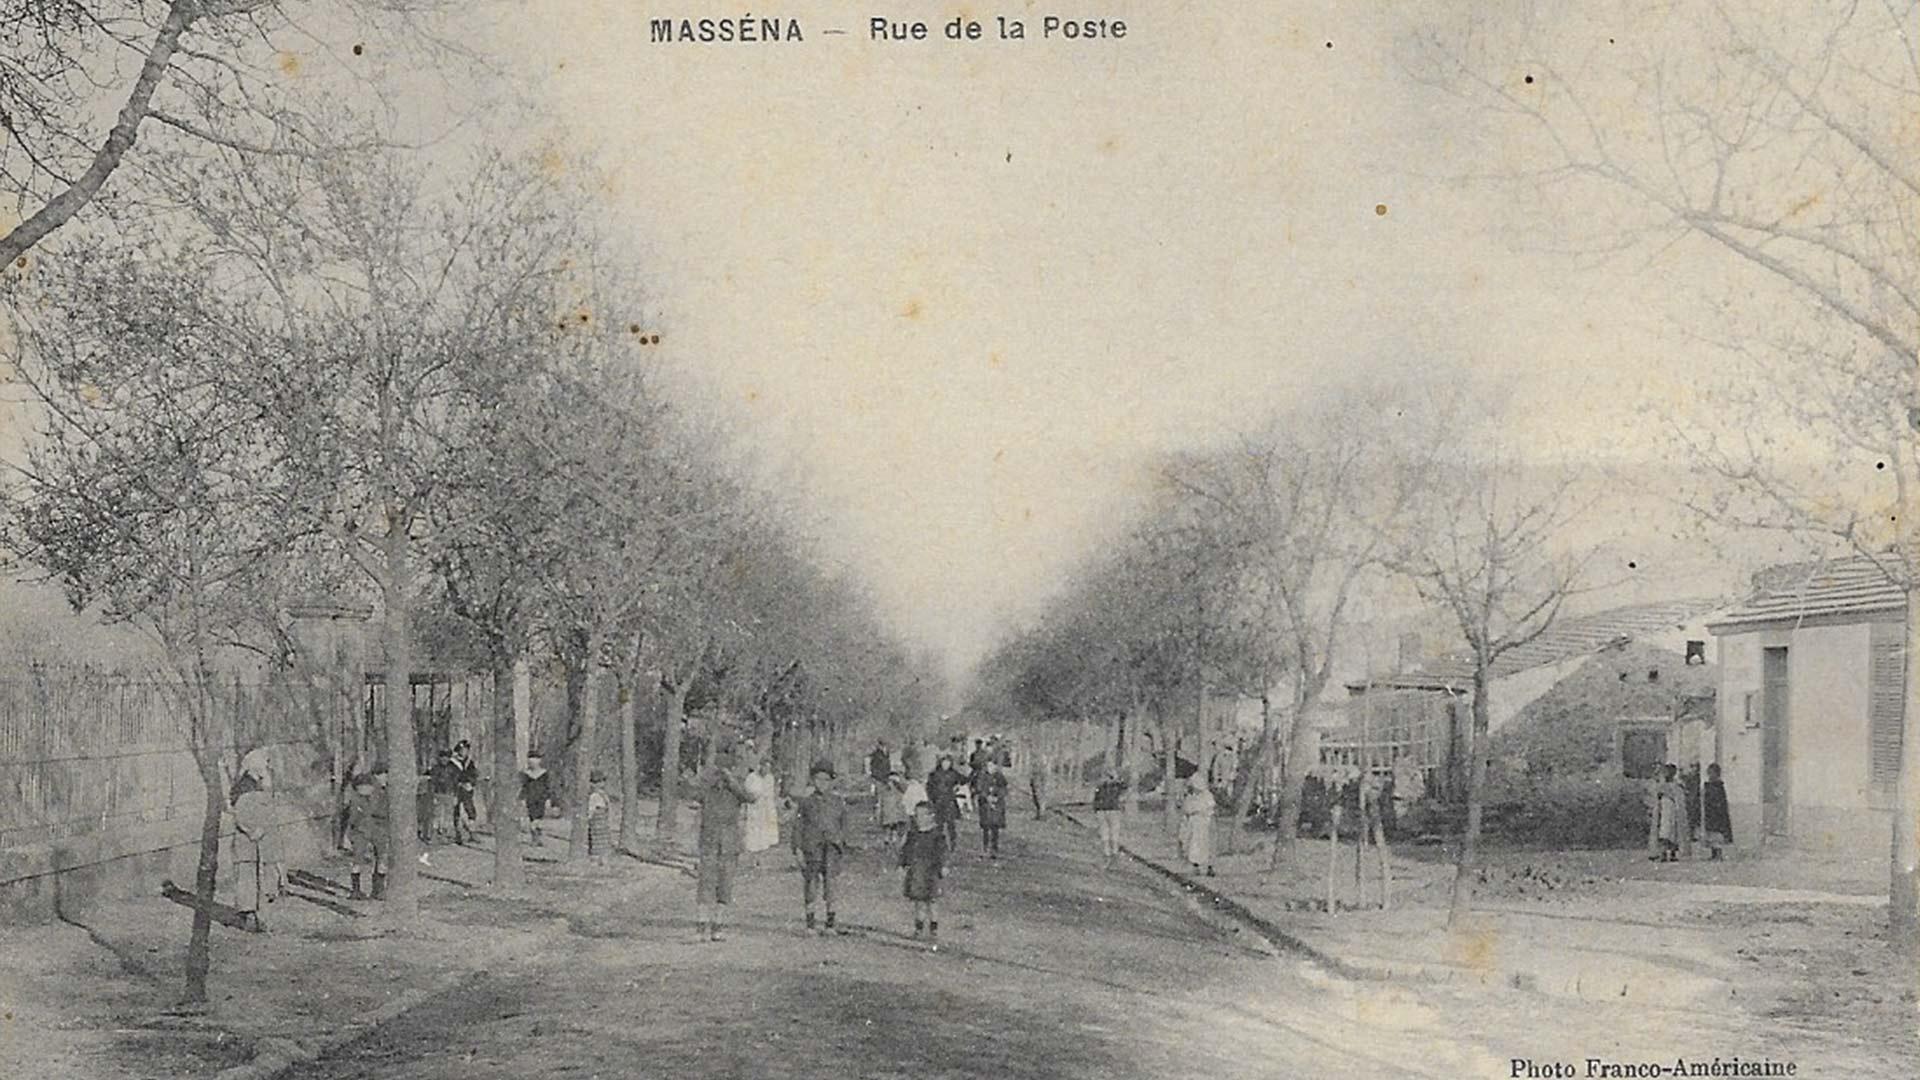 Massena-rue-de-la-poste